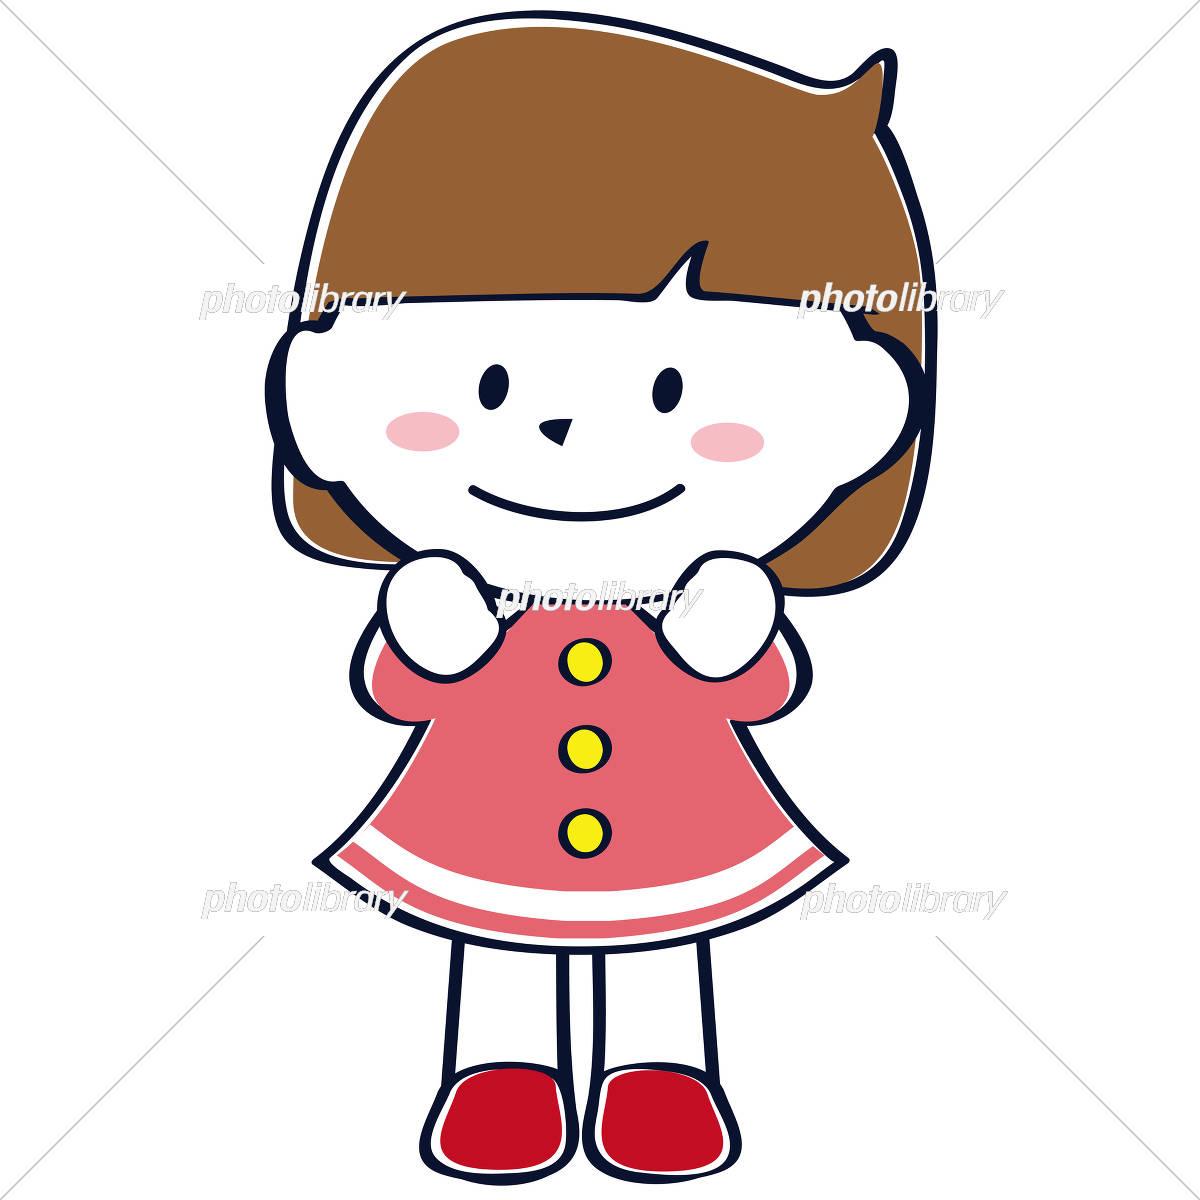 かわいい子供 おかっぱ女の子 イラスト素材 4552399 フォトライブ